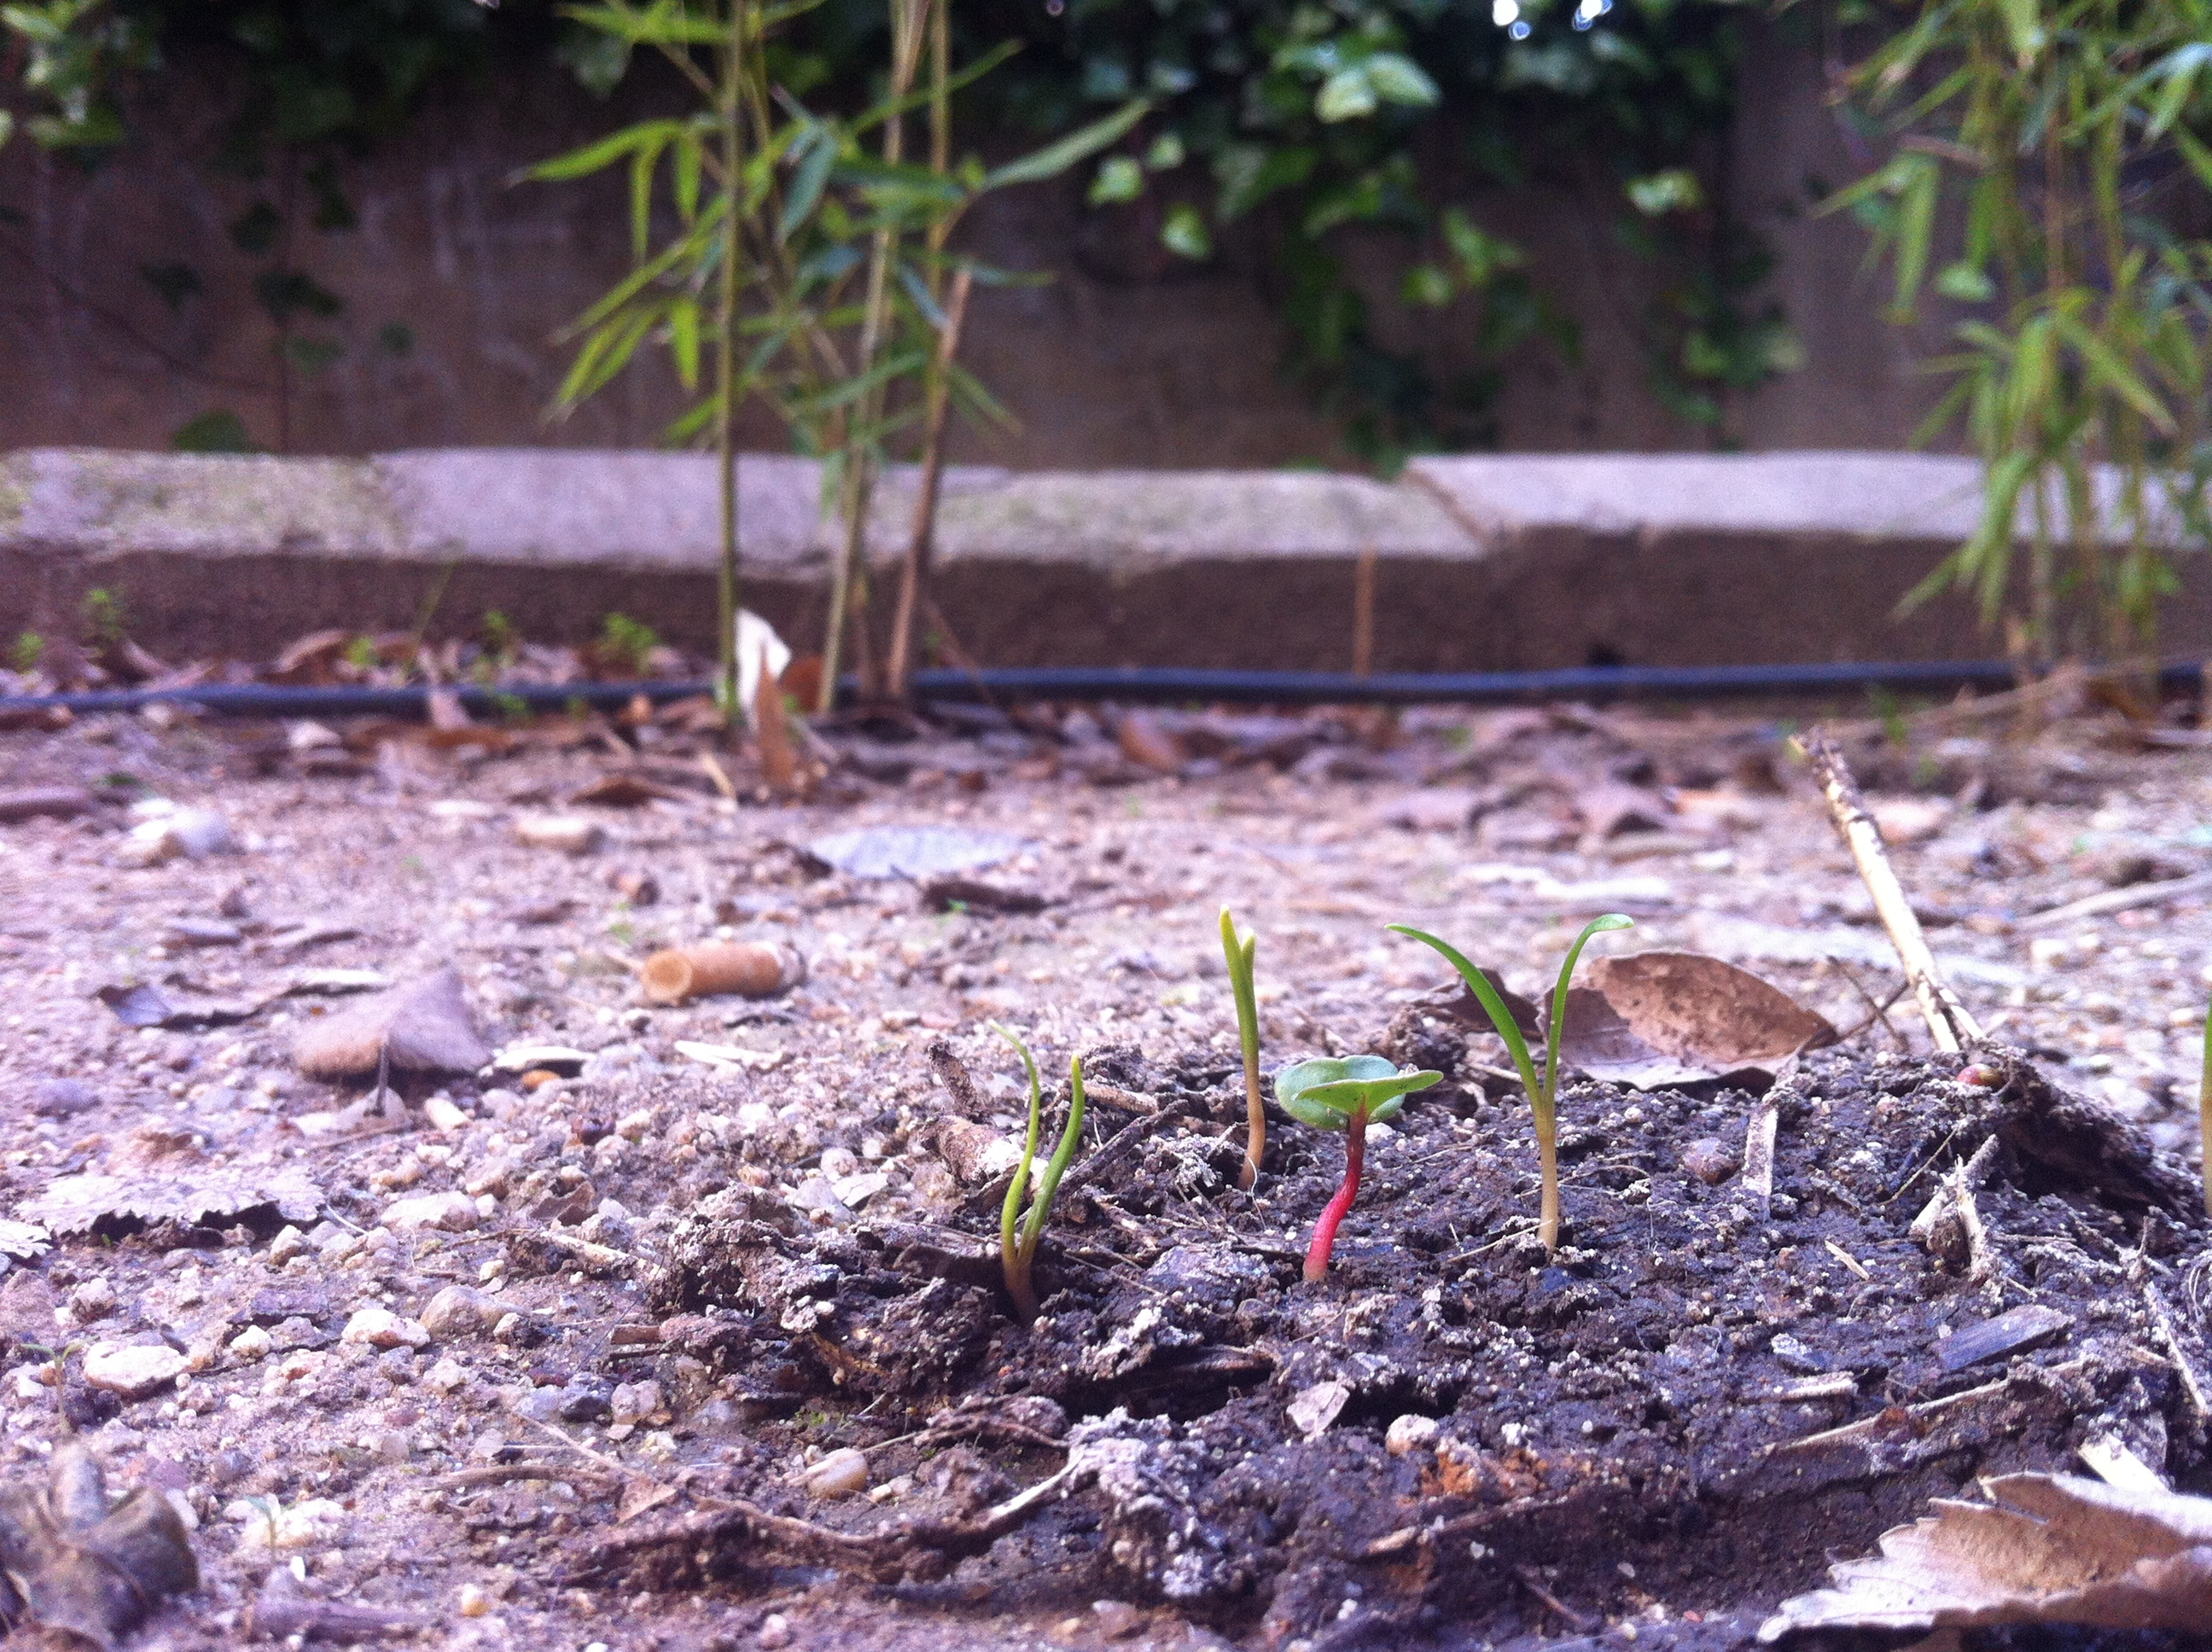 Guerilla Gardening - Espincasa nacidas y rabanito 2